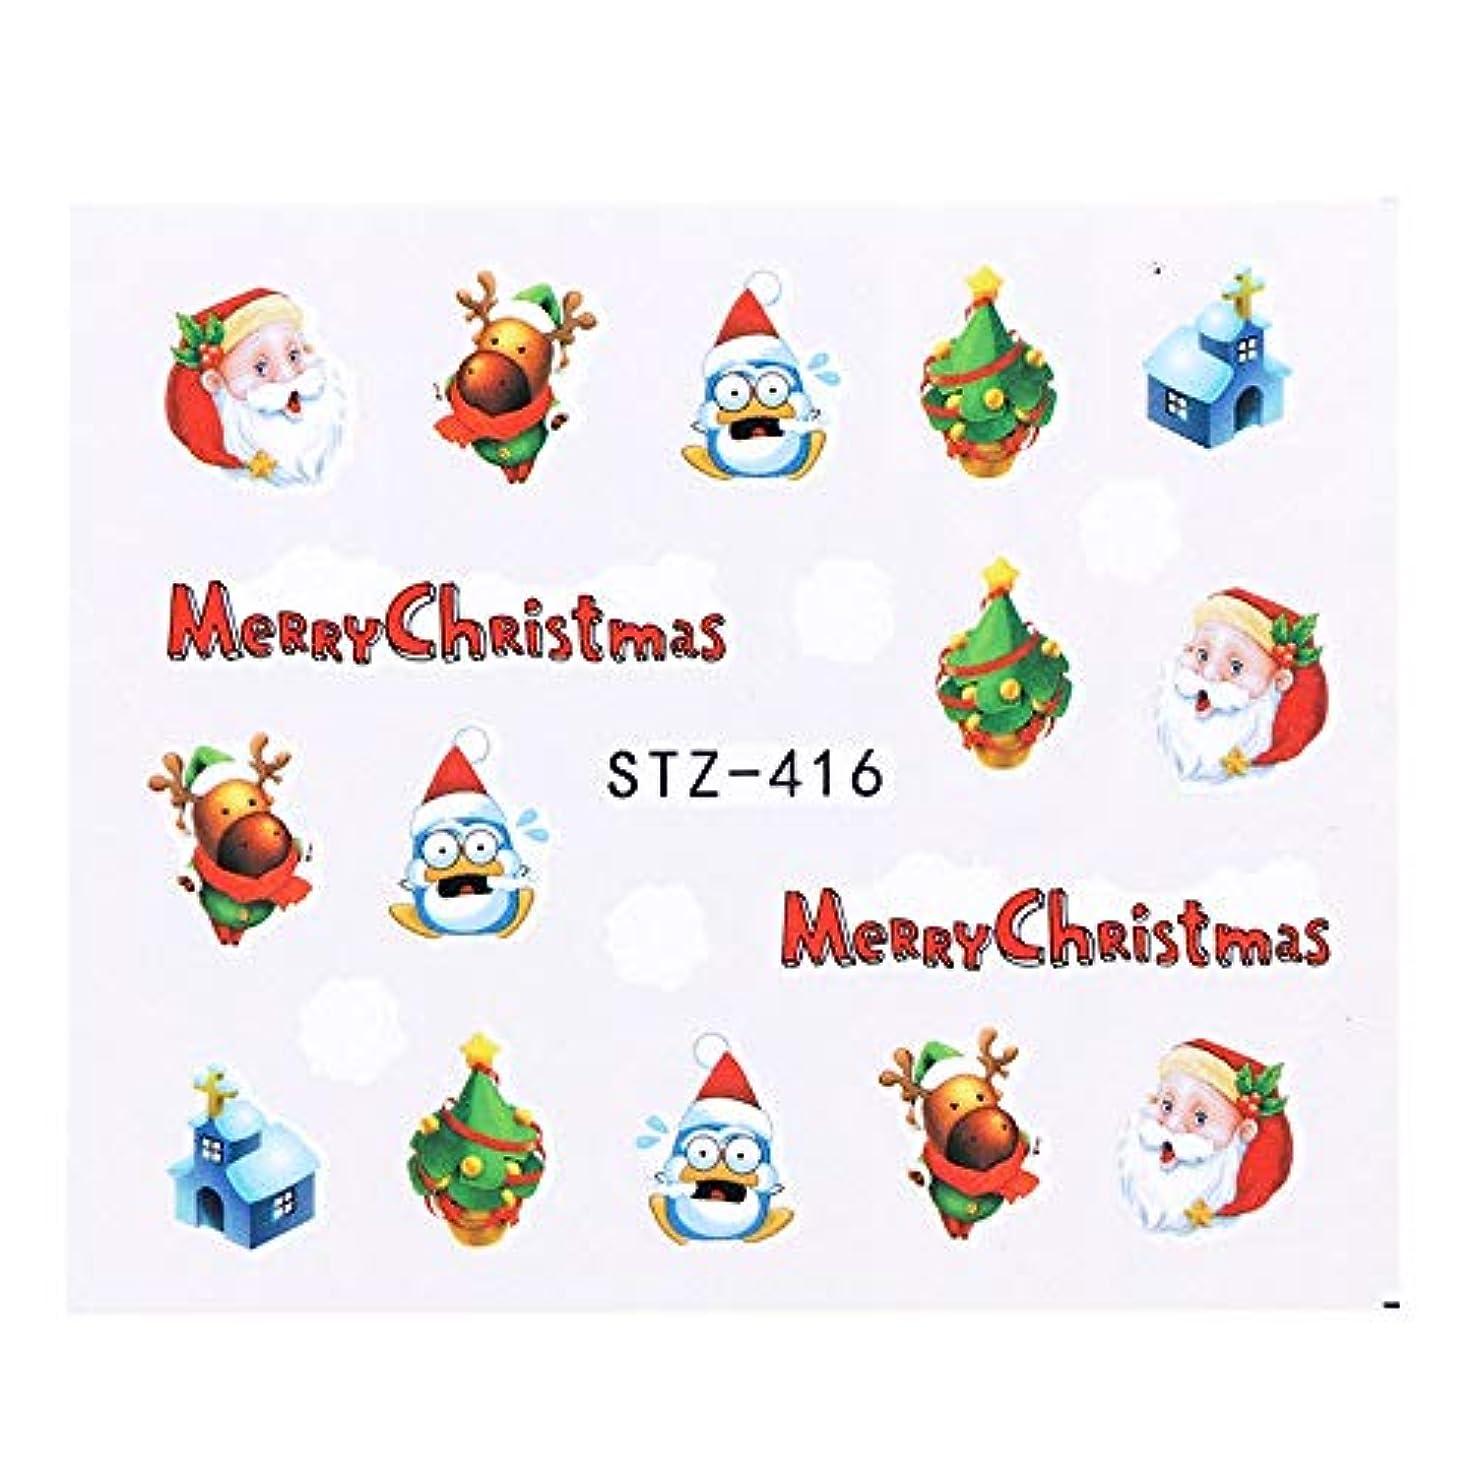 忘れられないコーラスカトリック教徒1シートクリスマスネイルアートウォーターステッカー漫画ヘラジカ雪だるまフルカバースライダーのヒントポーランドゲルジェルネイル装飾SASTZ405-438 STZ416